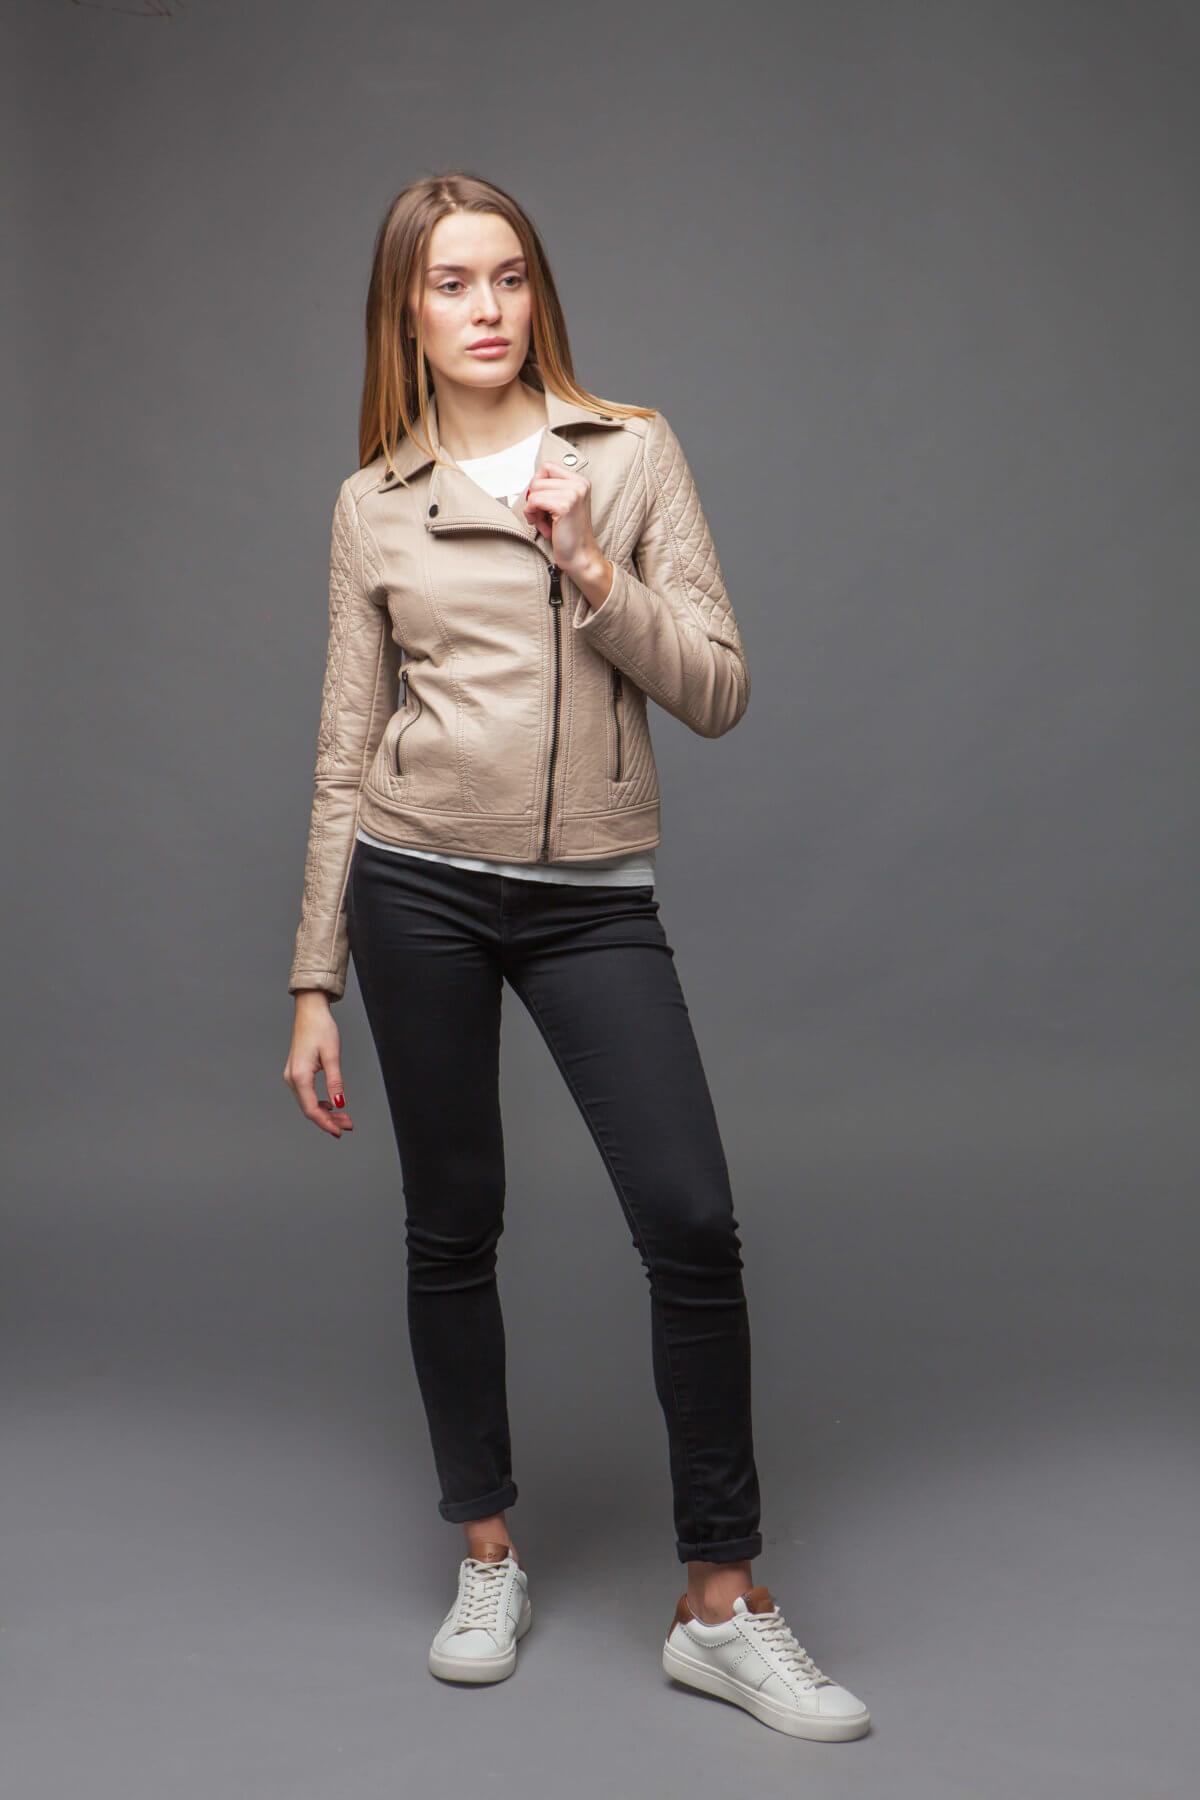 Женская куртка-косуха. Фото 1